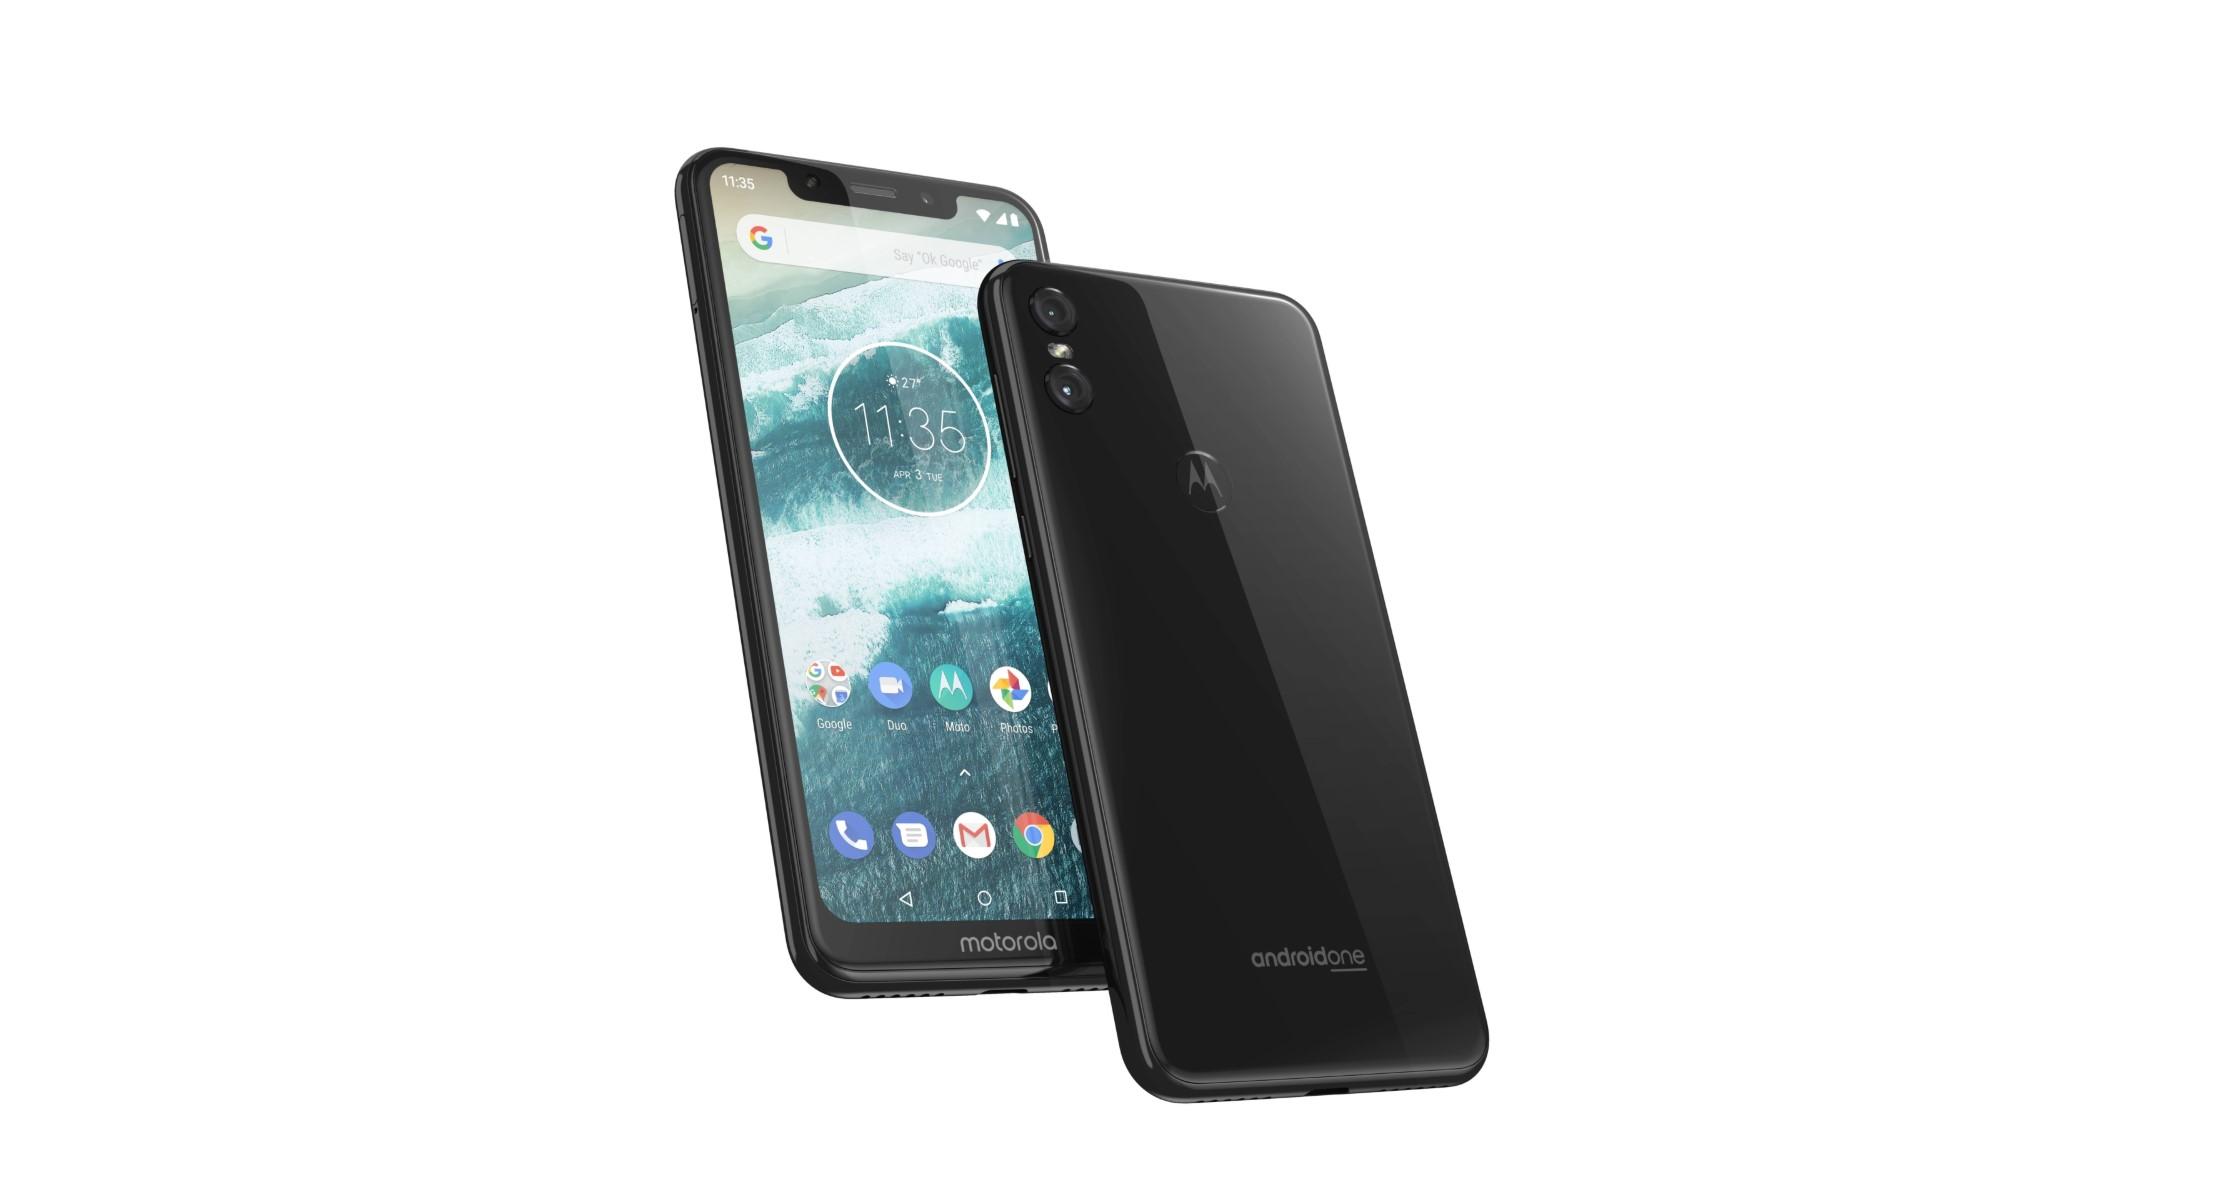 Novinka Motorola One nyní za akční cenu 5 999 Kč [sponzorovaný článek]